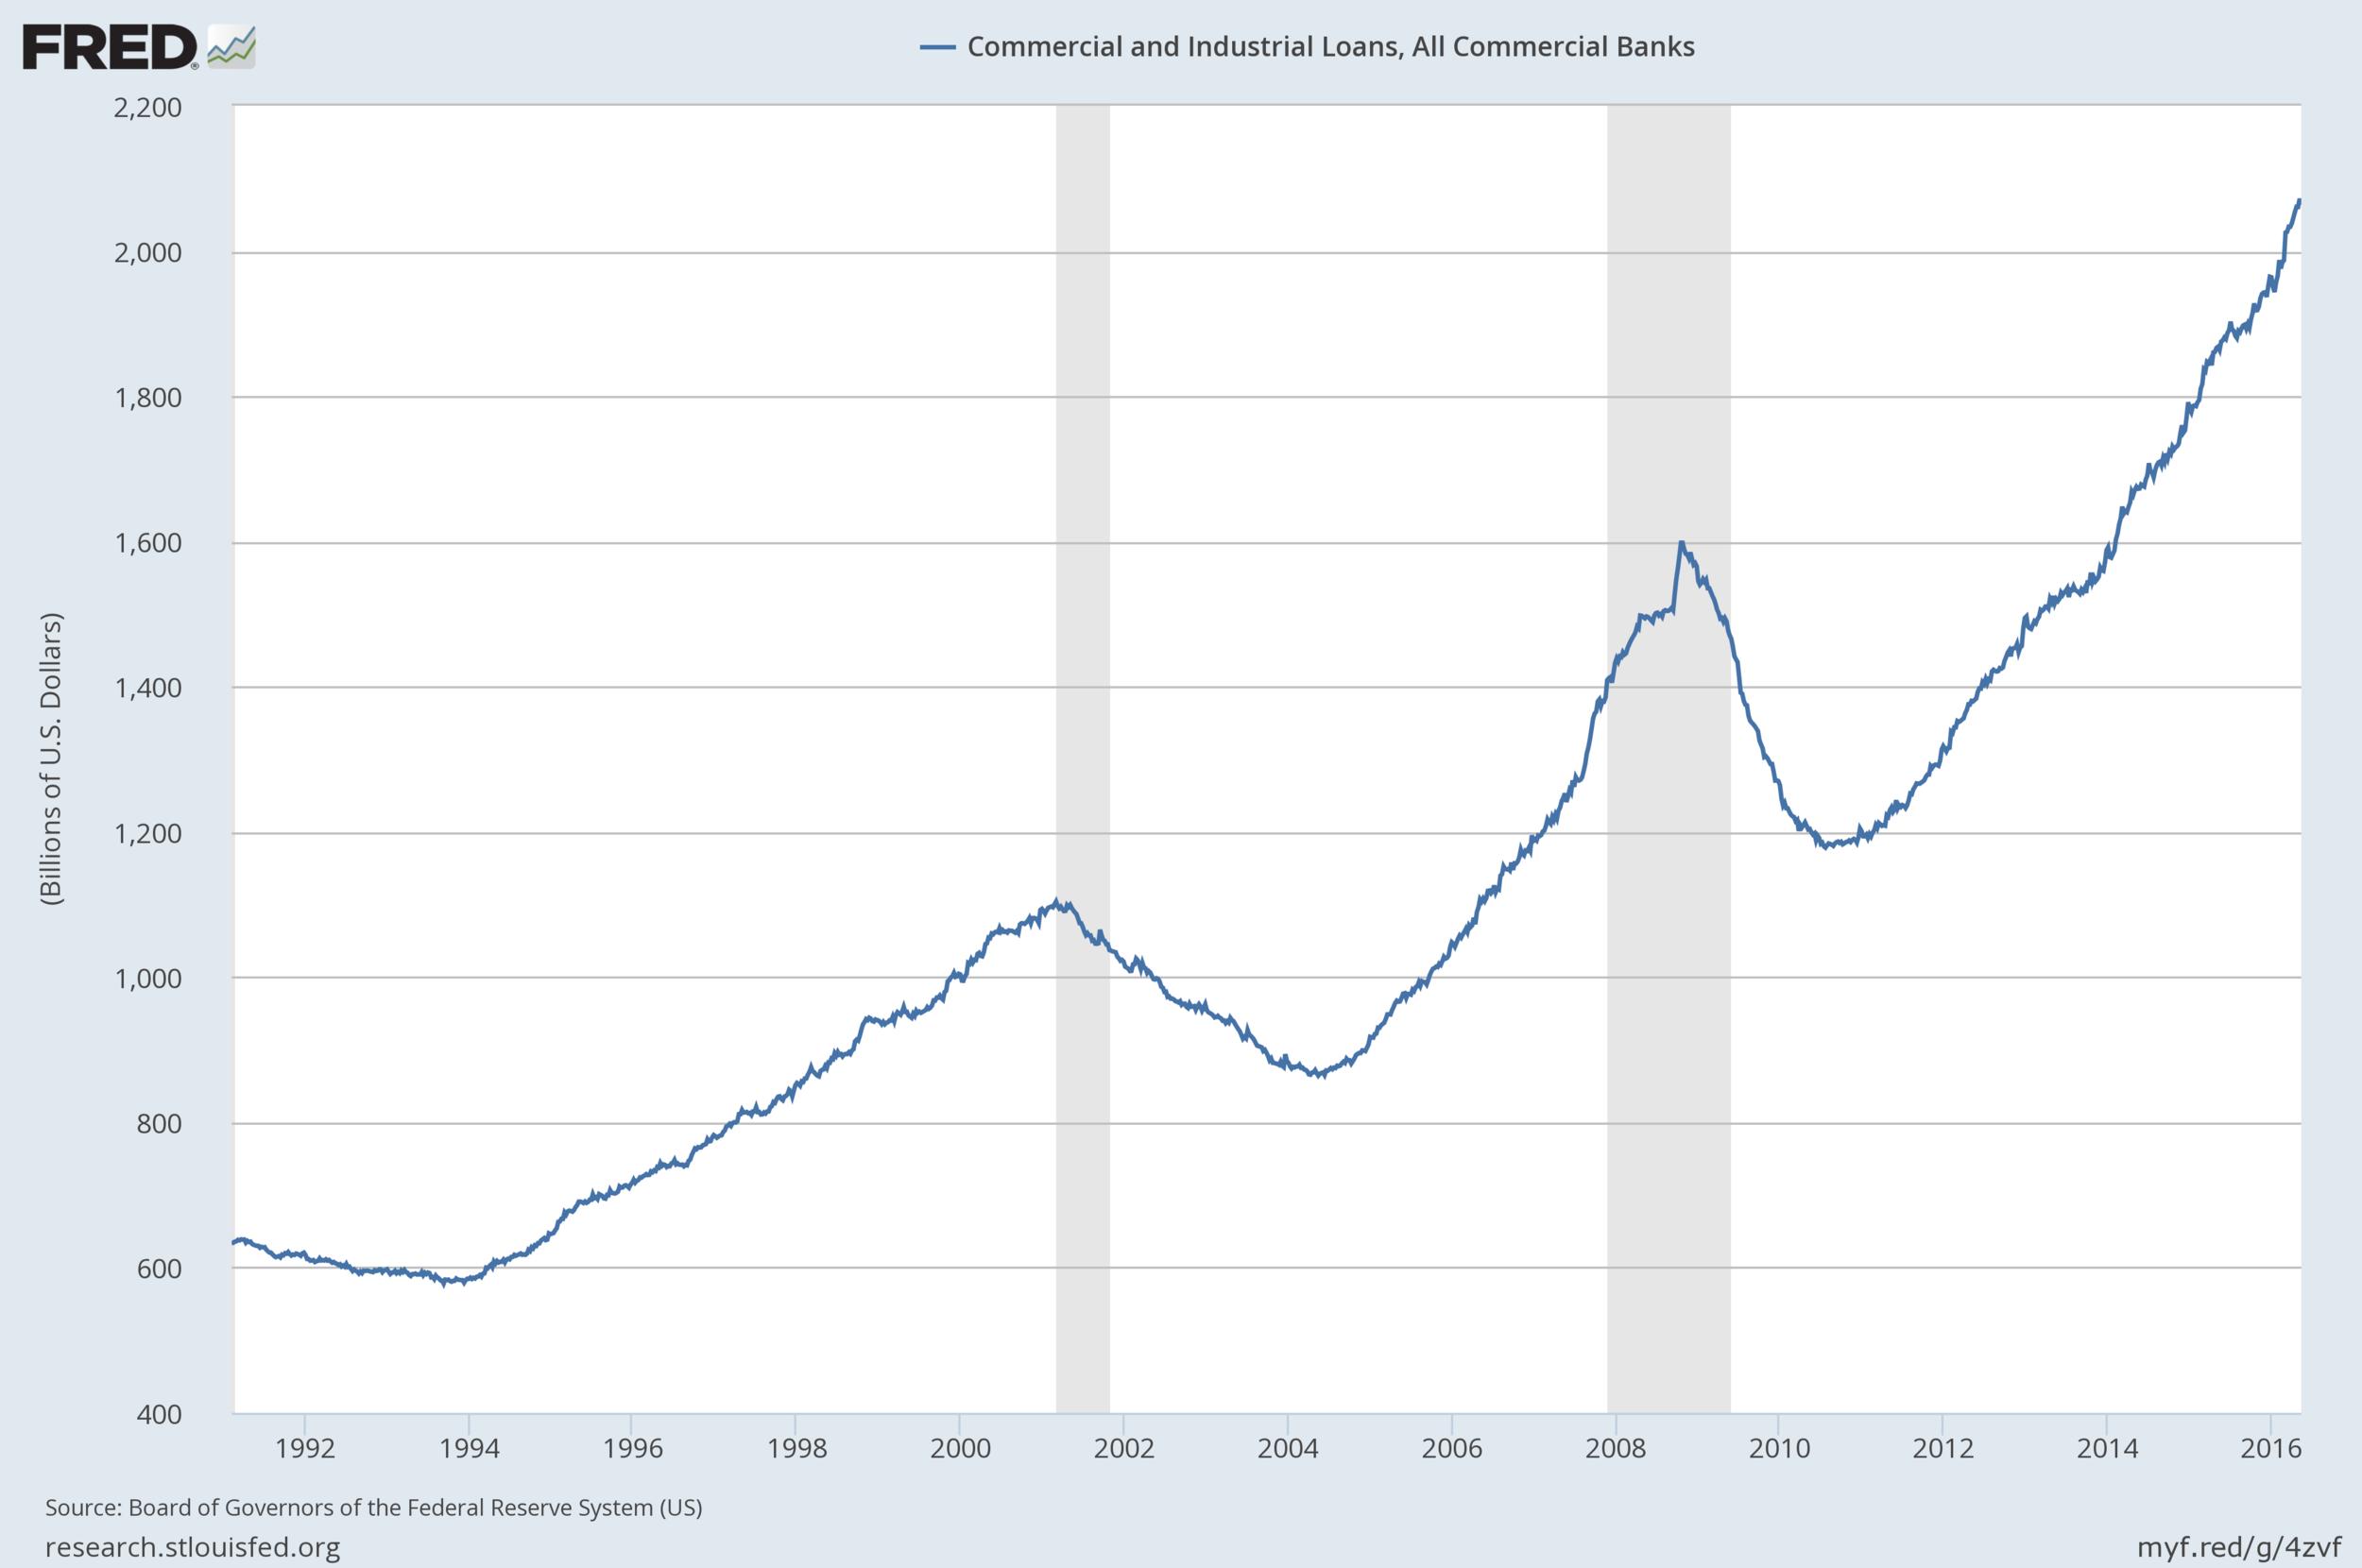 Evolución de los prestamos industriales y comerciales de Estados Unidos desde 1992 hasta 2016